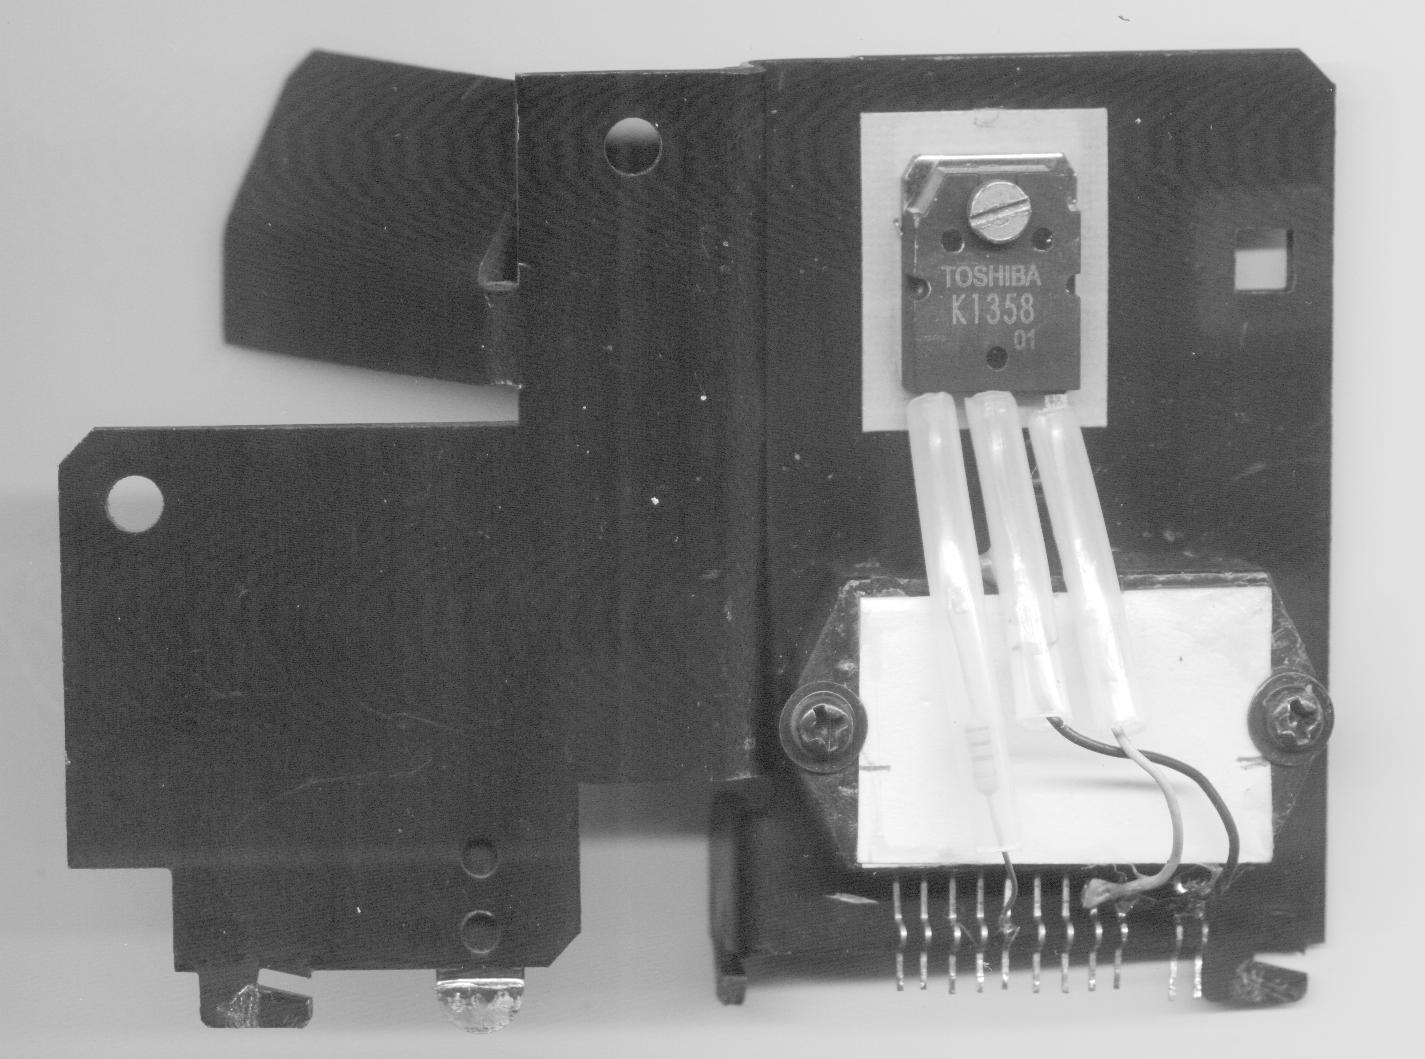 El MOS-FET sustituto montado correctamente.